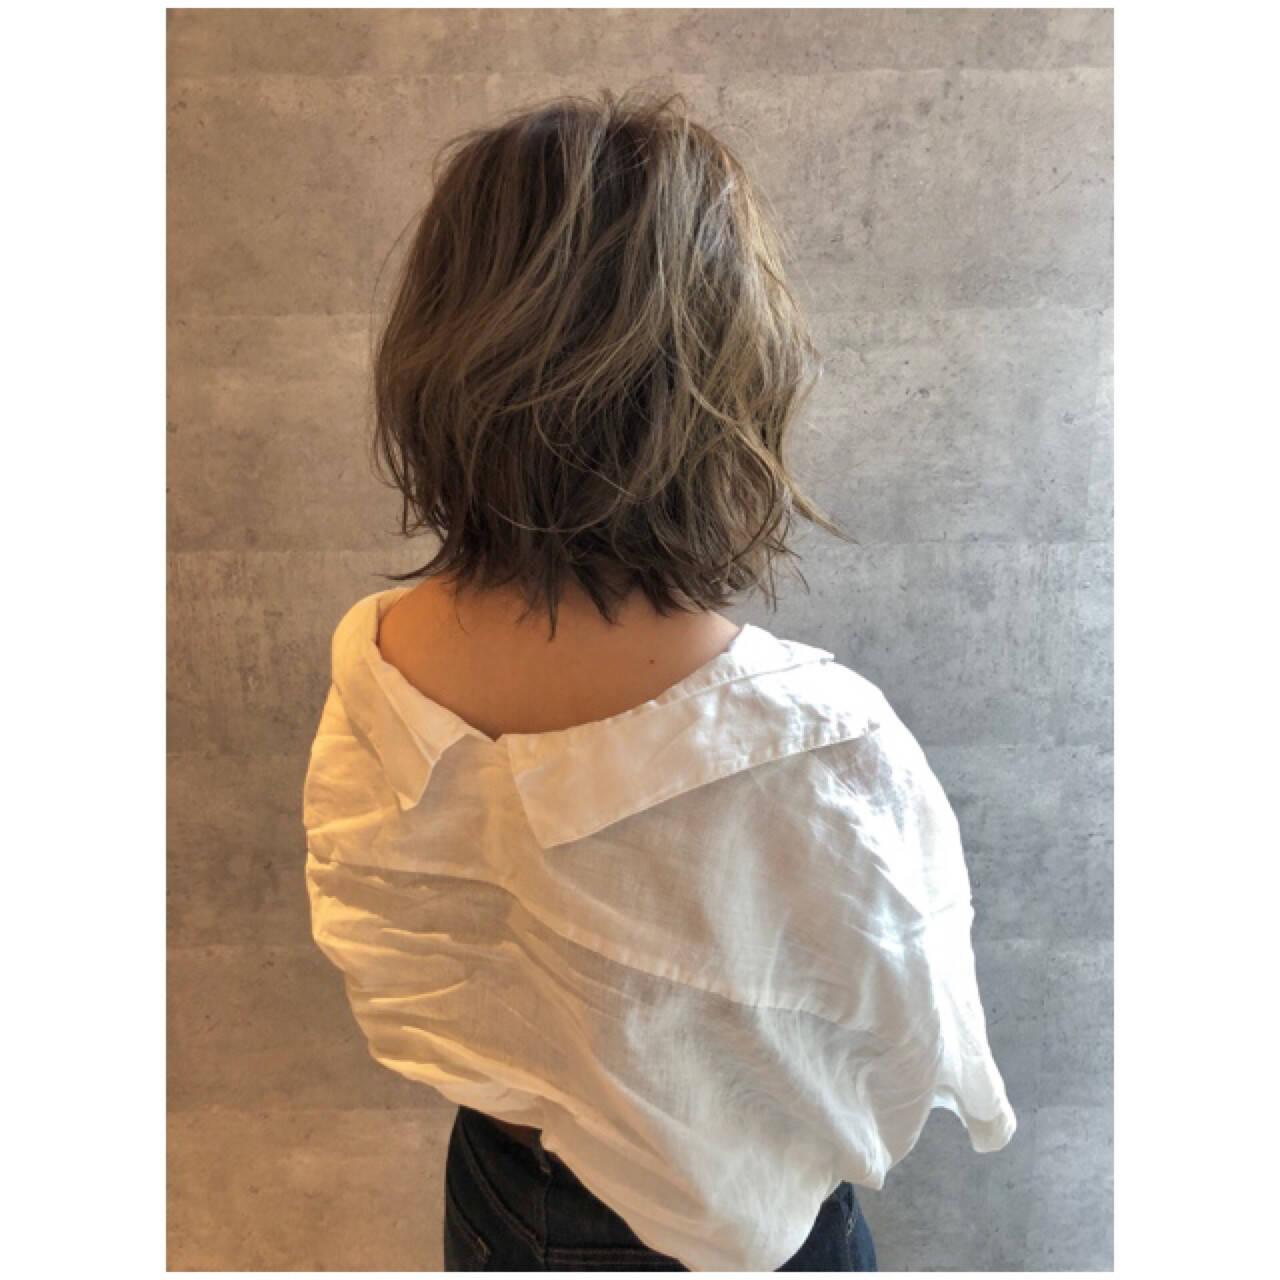 ミディアム 大人女子 ボブ 3Dカラーヘアスタイルや髪型の写真・画像